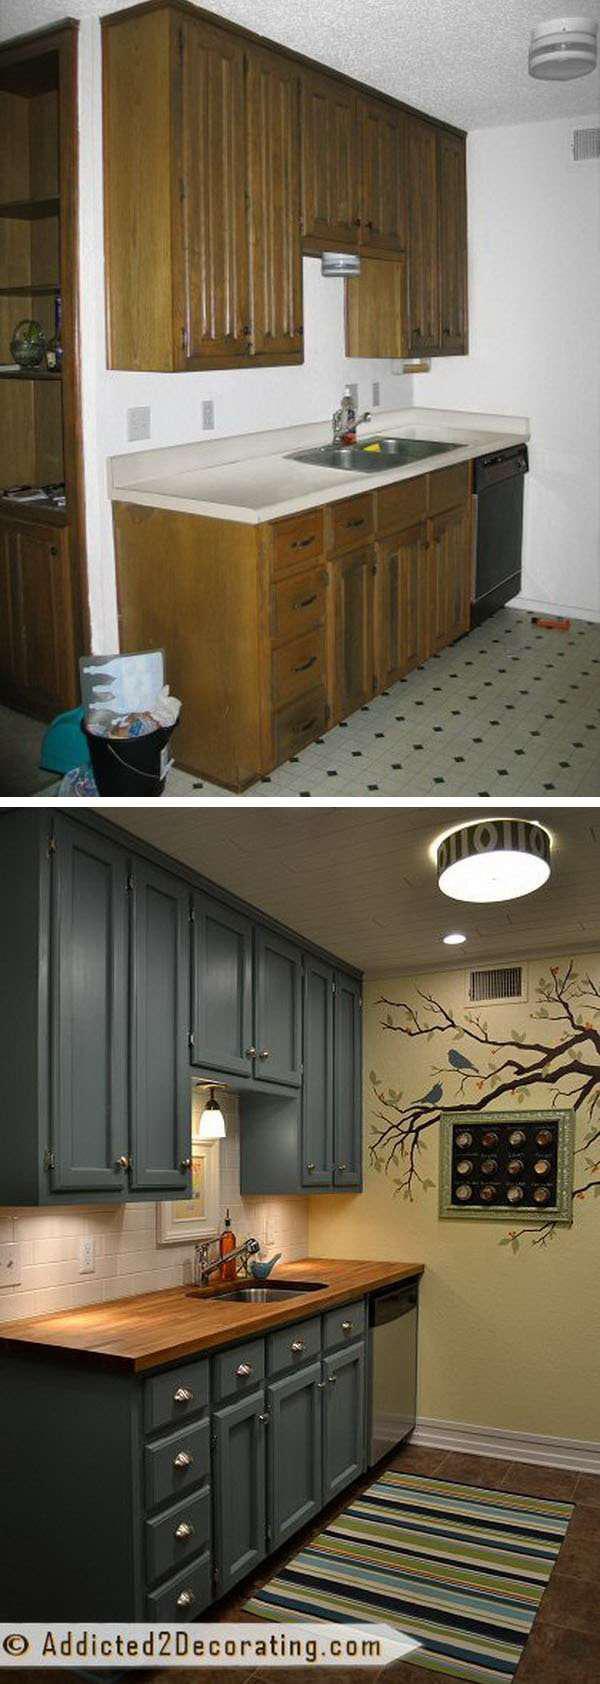 image23-7 | 25 идей переделки старой кухонной мебели